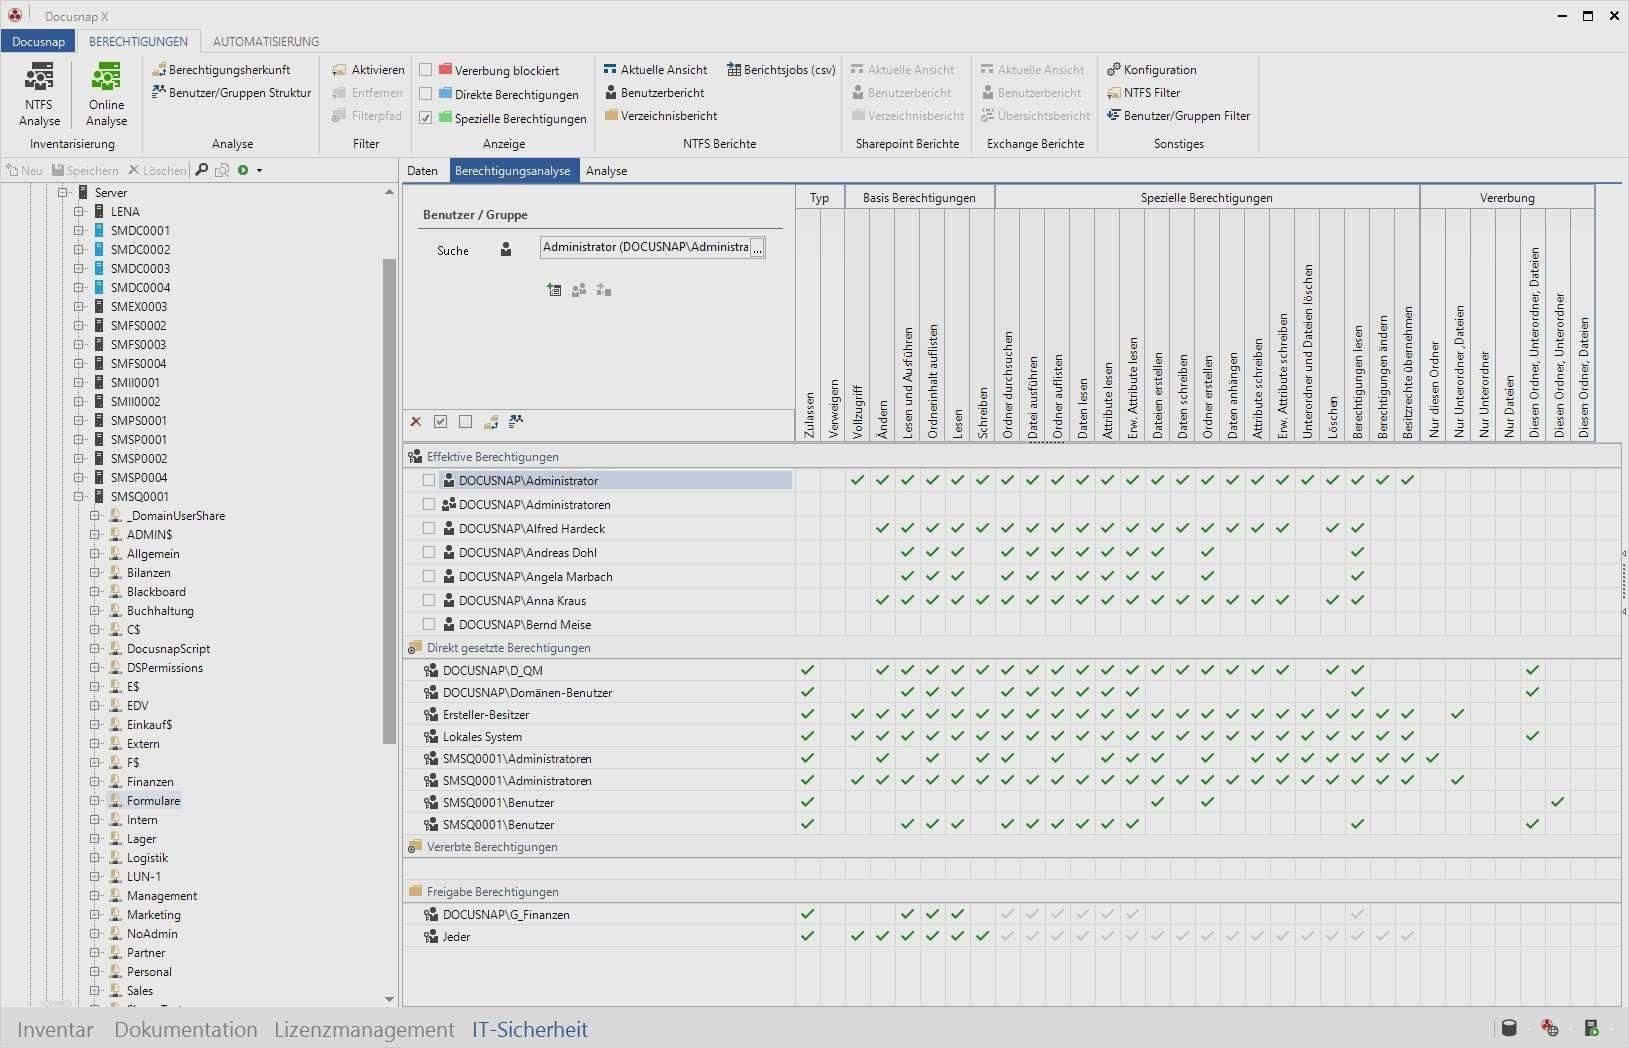 Elegant Netzwerkdokumentation Vorlage Excel 6